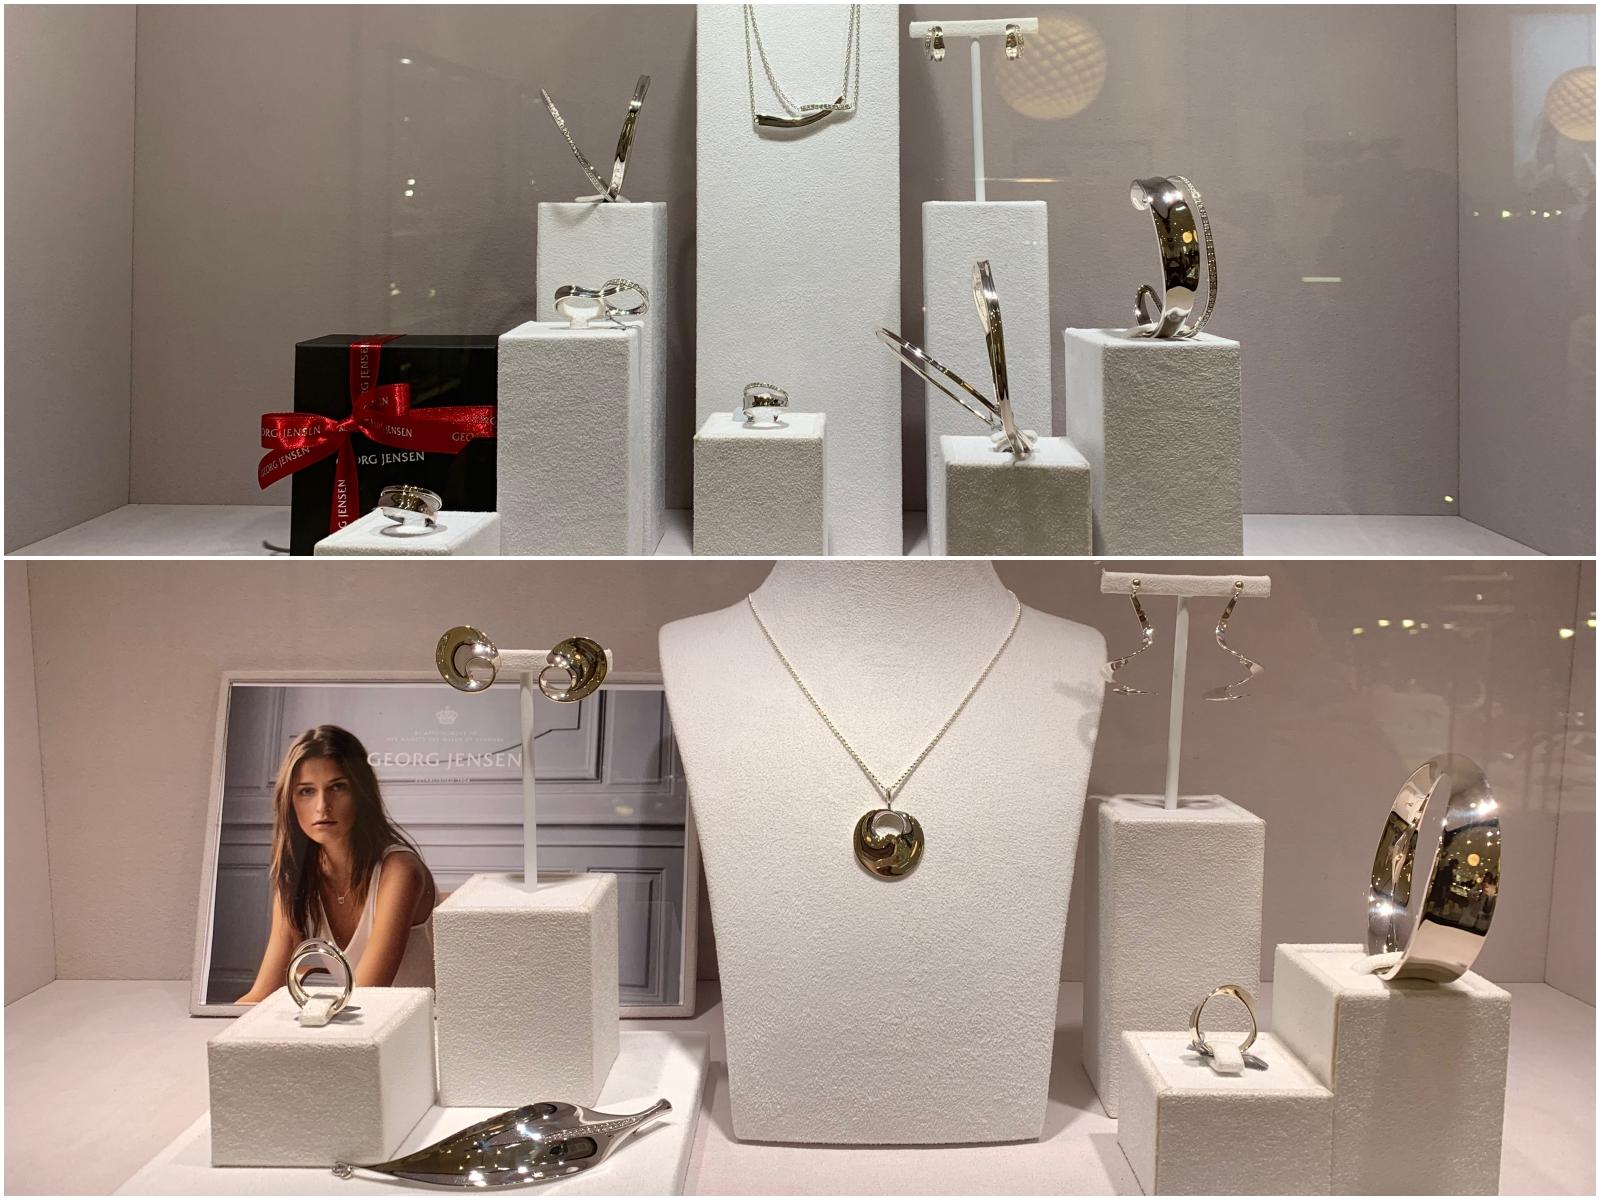 喬治傑生情人節新品珠寶發表